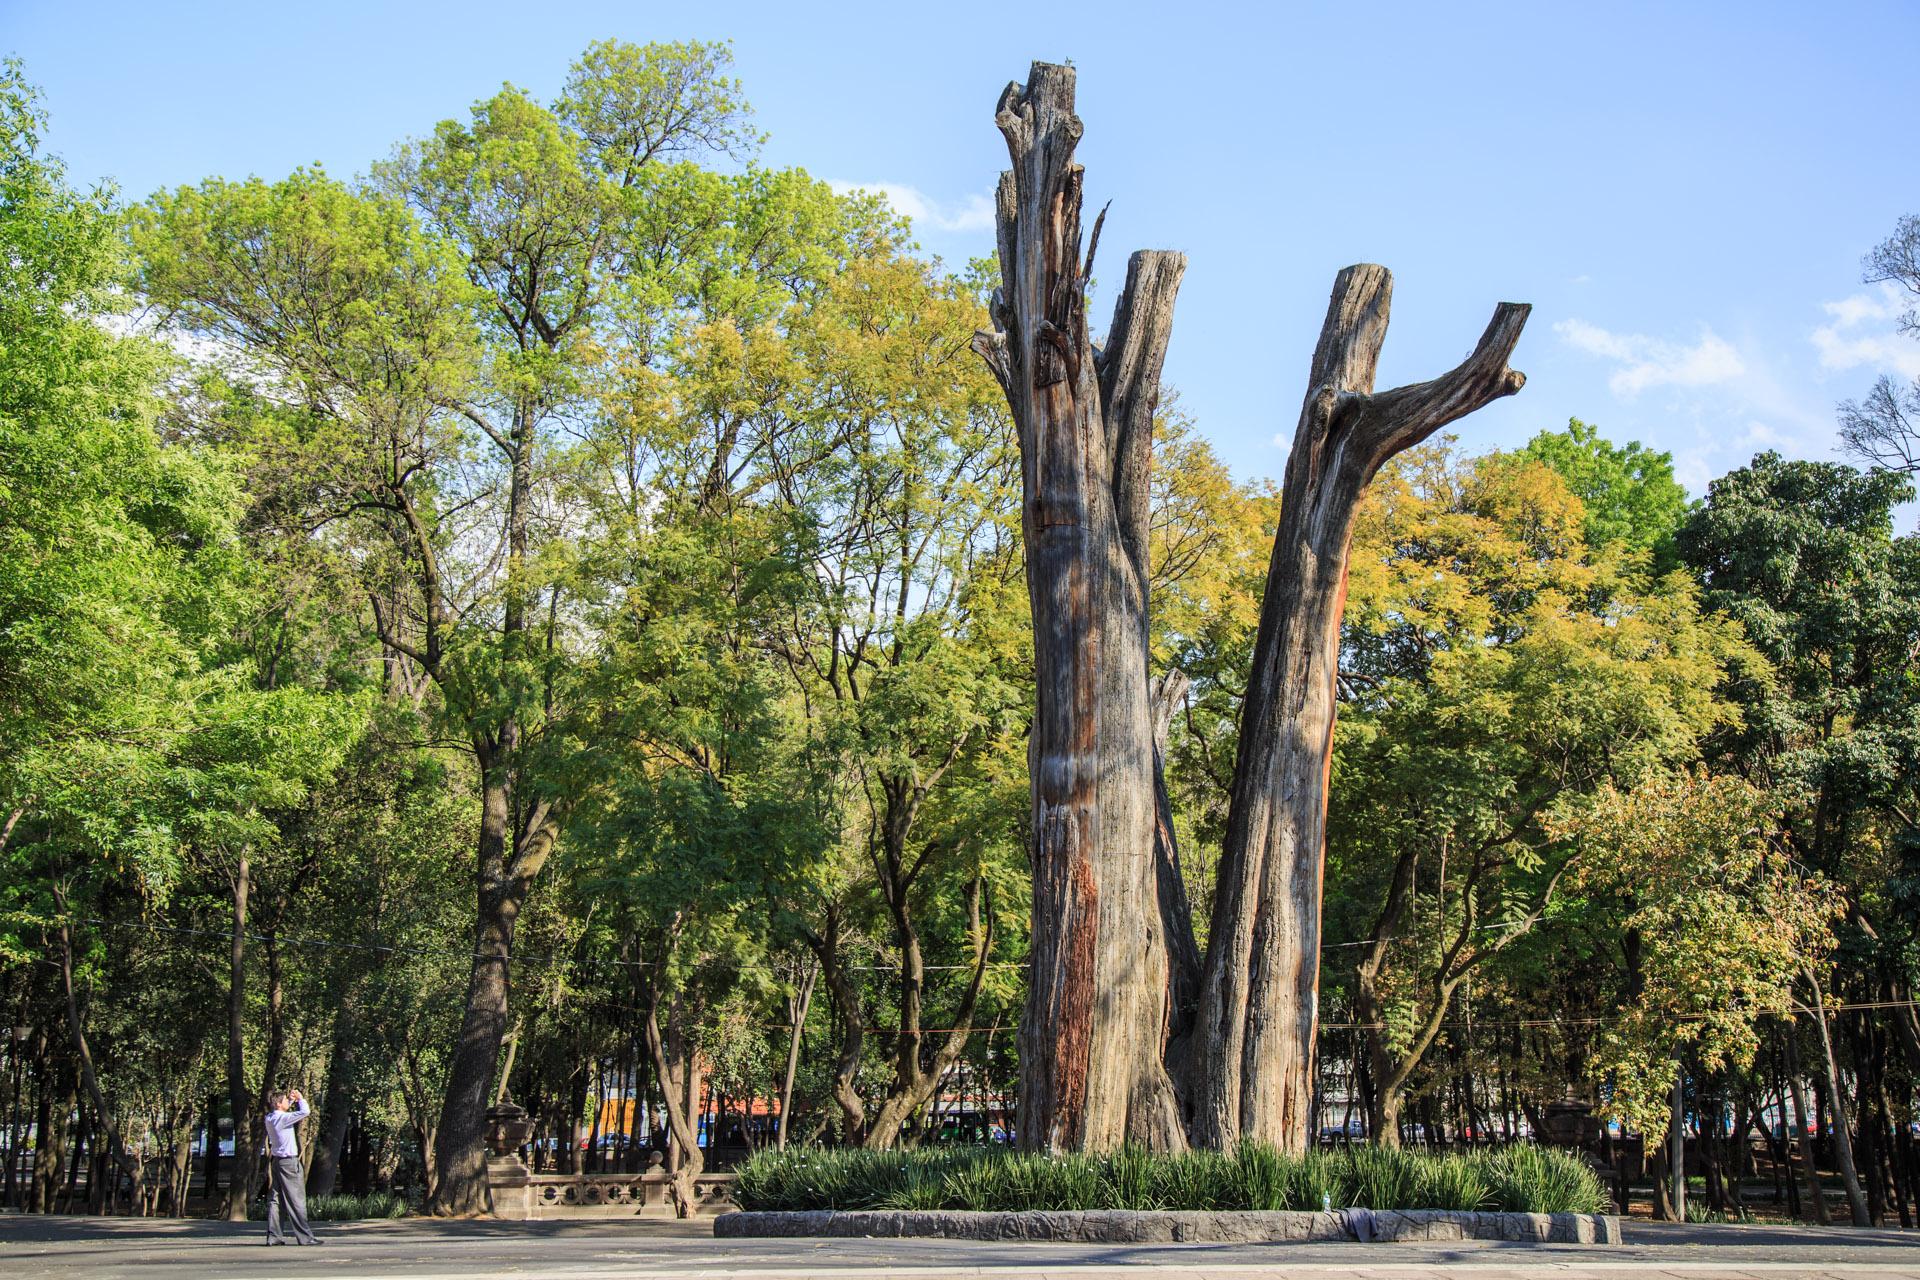 La FICA 2019 reunirá en el Bosque de Chapultepec culturas de más de 80 países